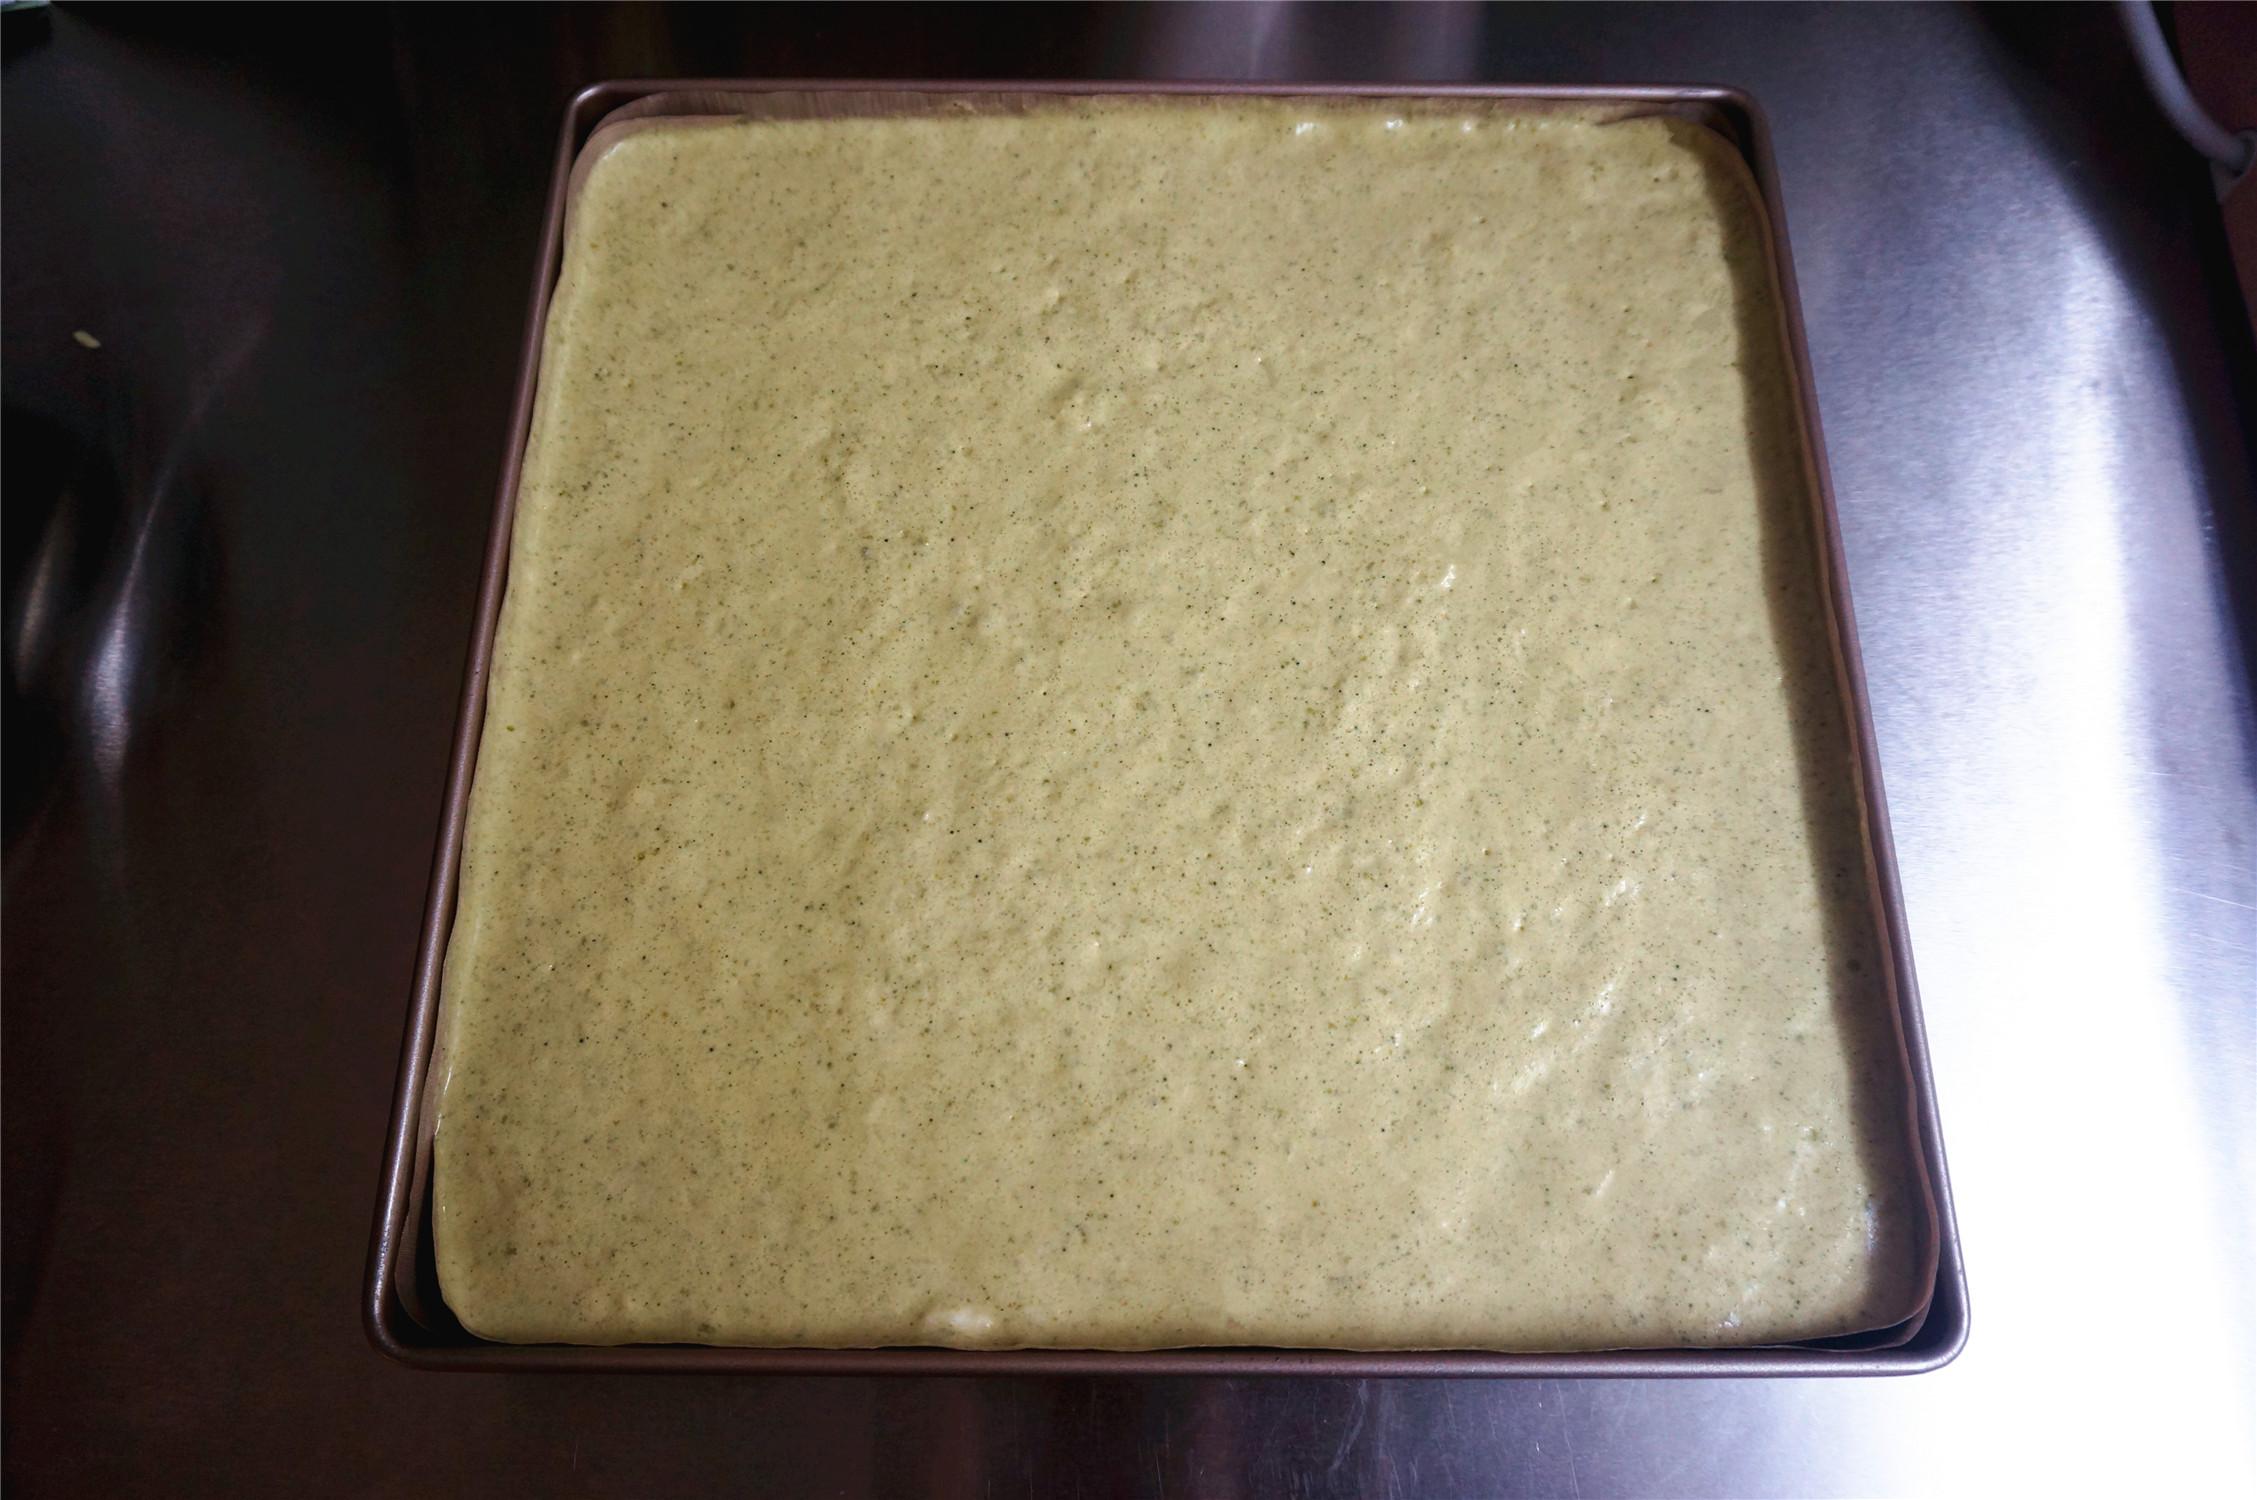 丸久小山园名物蛋糕卷--抹茶,烤盘垫上不粘油布,将蛋糕糊倒入烤盘,震荡出大气泡。</p> <p>